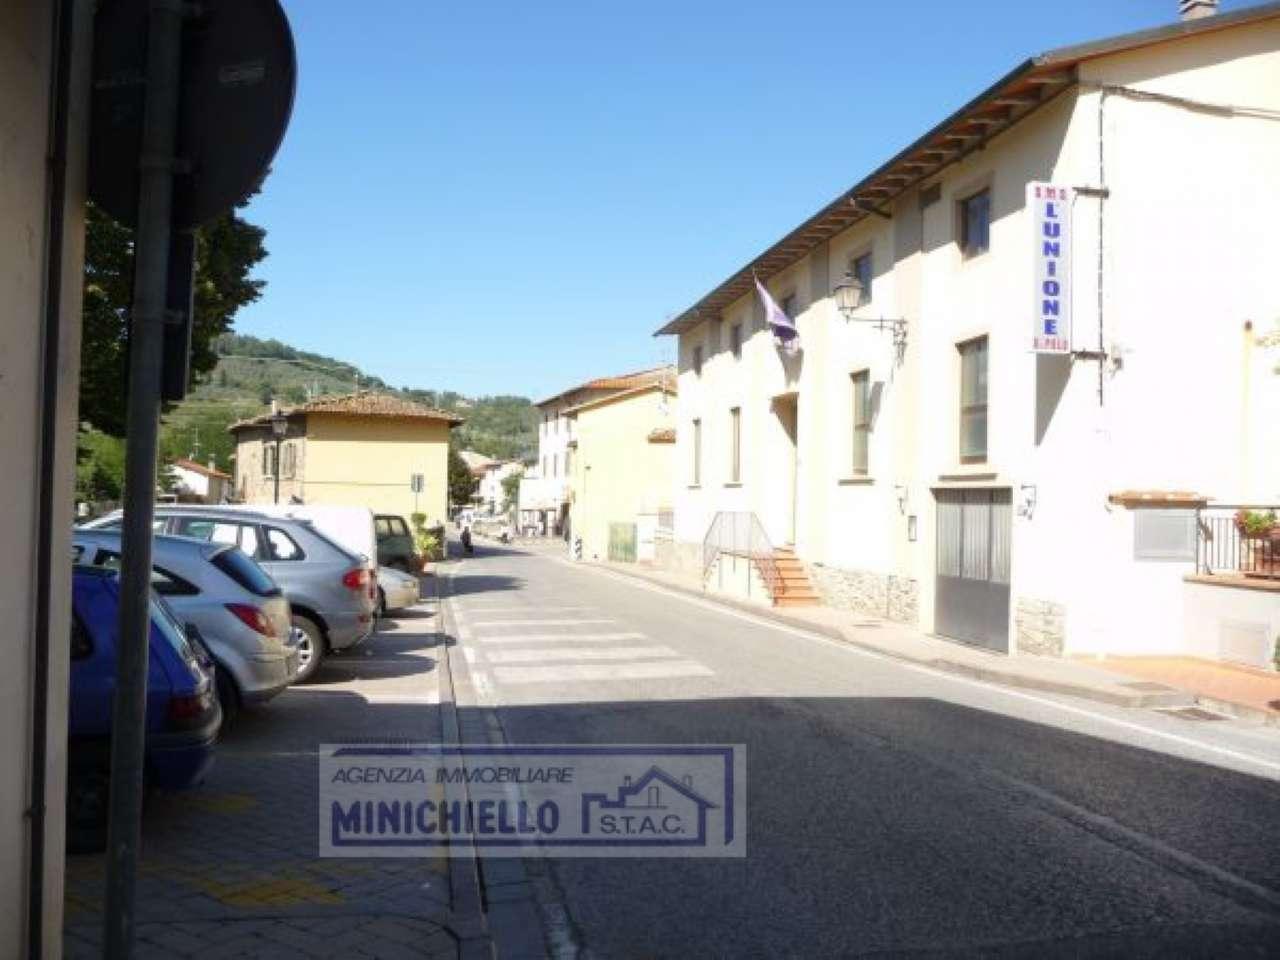 Greve in Chianti Greve in Chianti Affitto APPARTAMENTO >> annunci gratuiti affitti case a torino e provincia